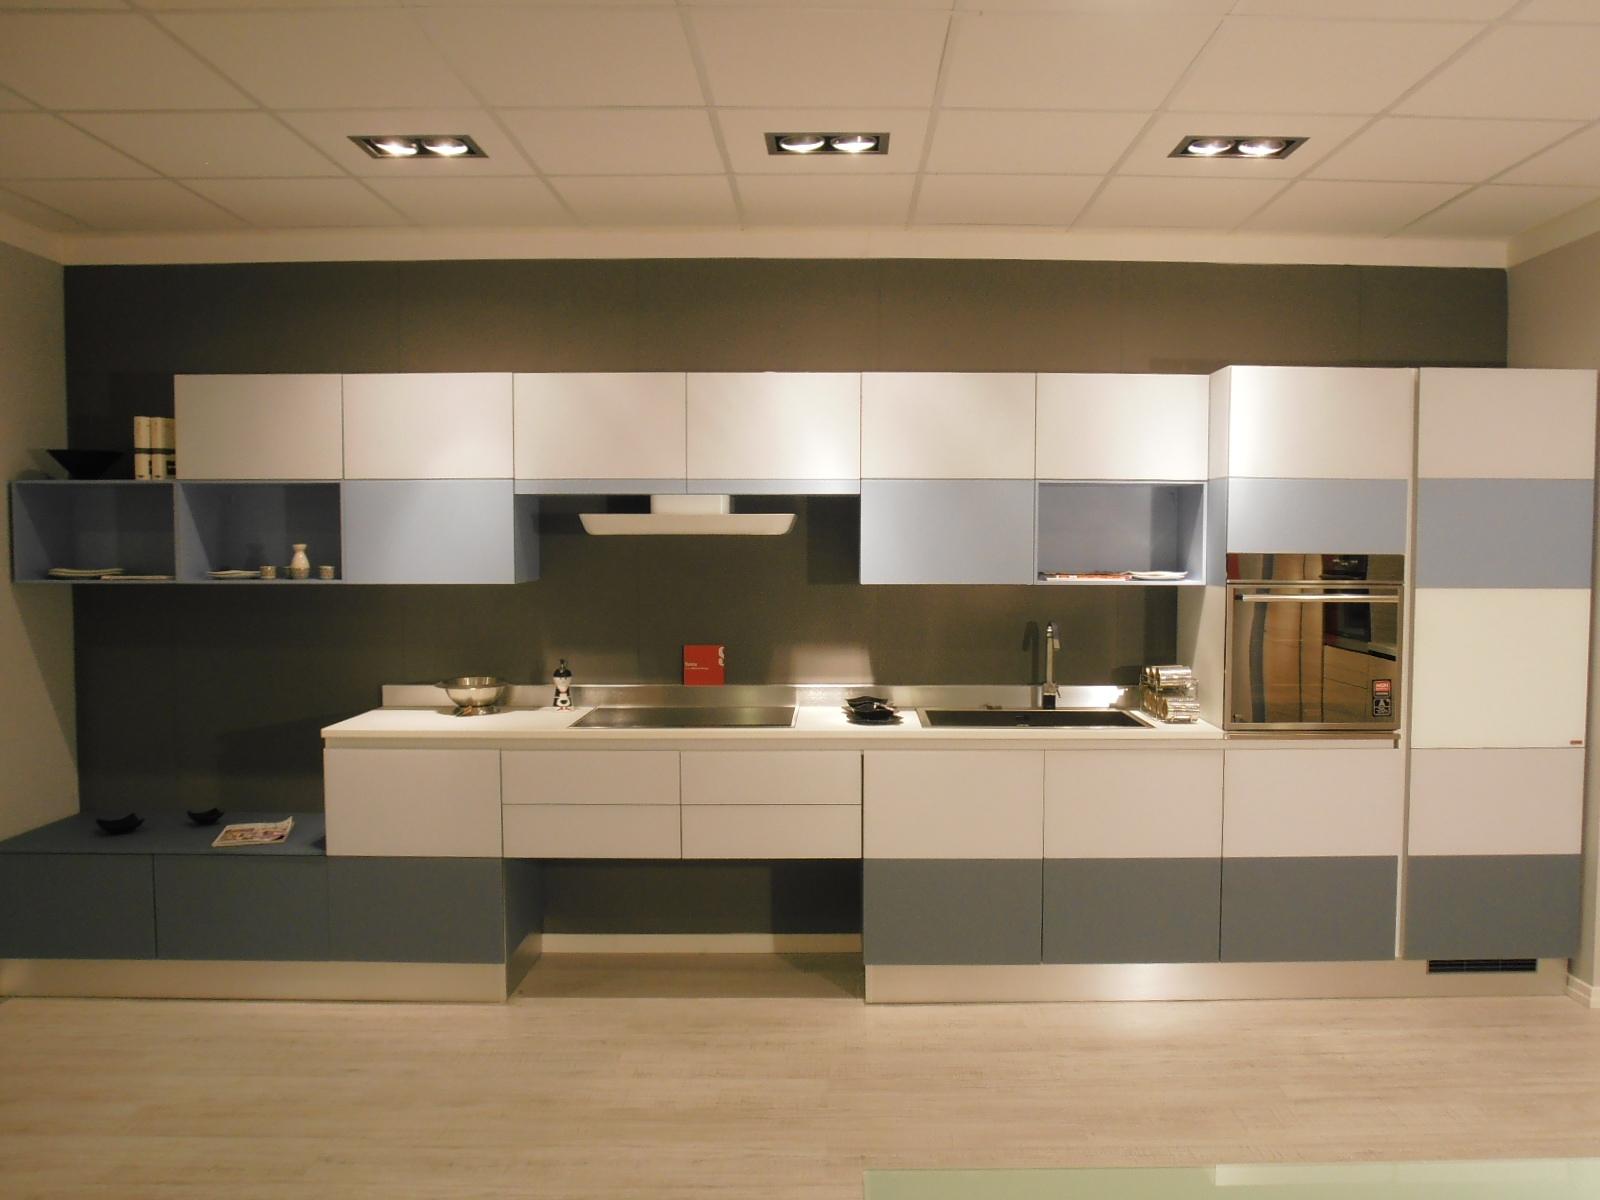 Cucina Scavolini Tetrix Design Vetro - Cucine a prezzi scontati